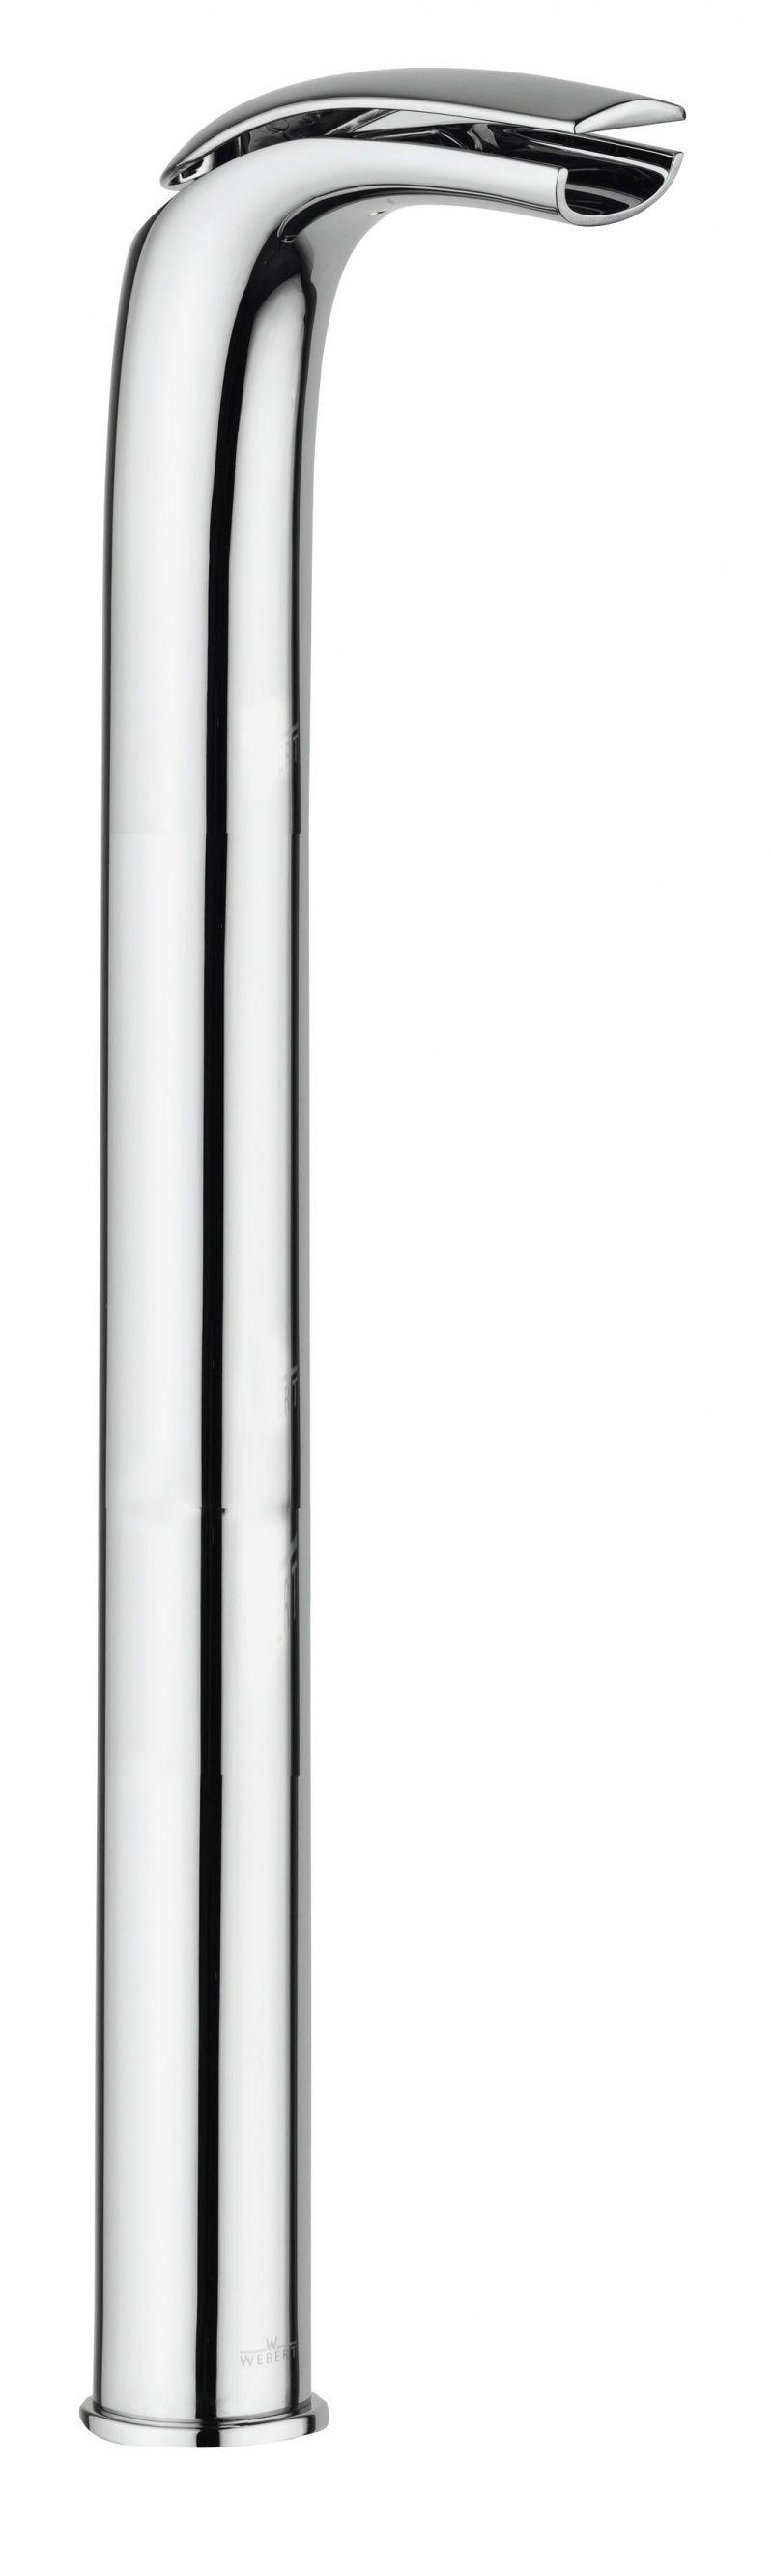 картинка Смеситель напольный Webert Aria AI832301 Хром с ручкой Arenaria